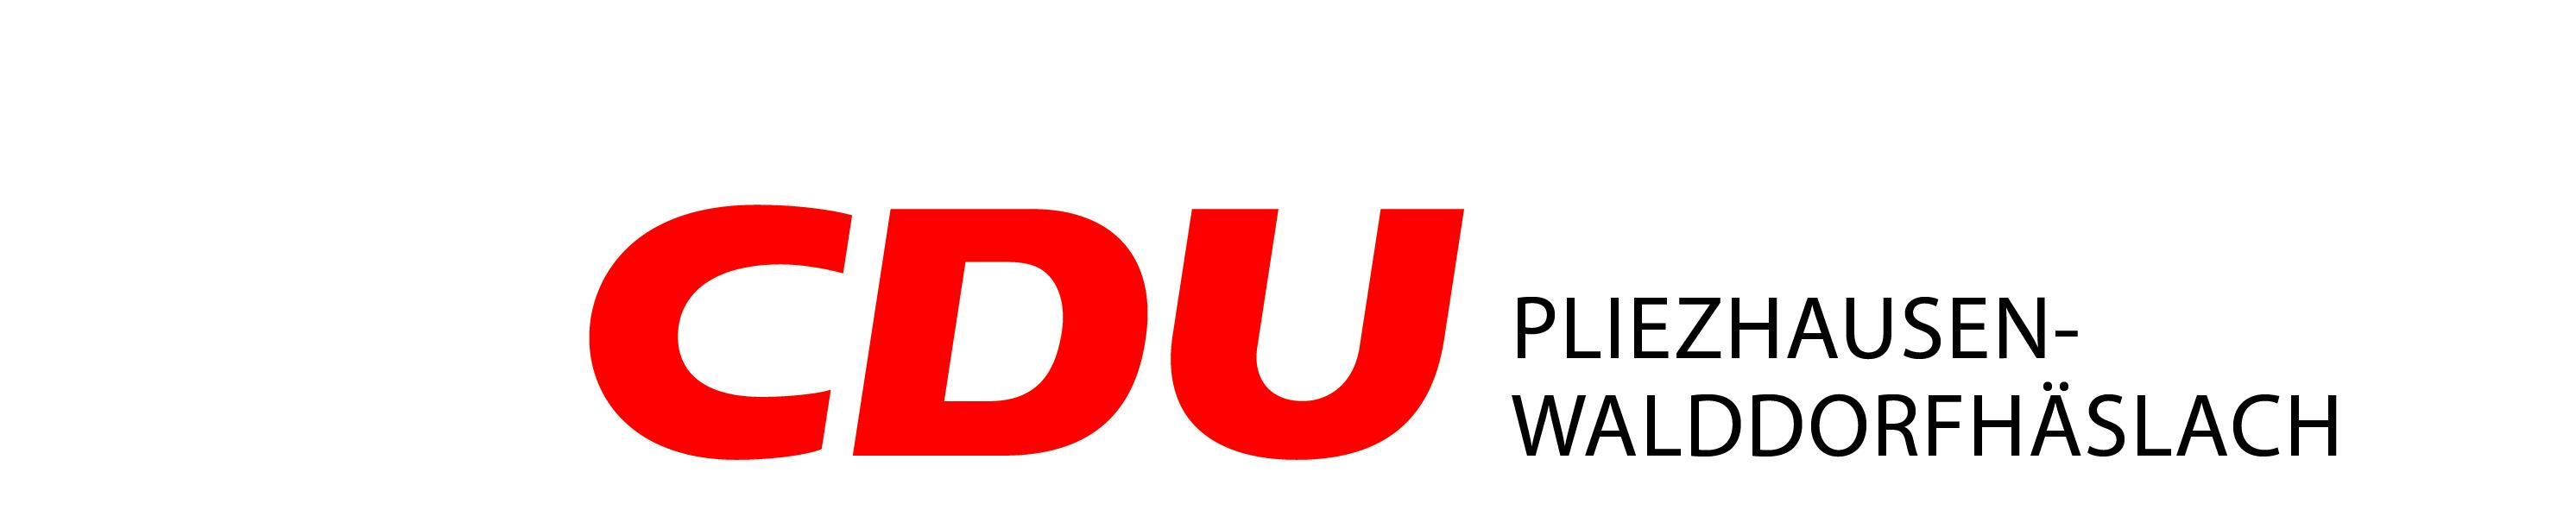 Logo von CDU Pliezhausen-Walddorfhäslach